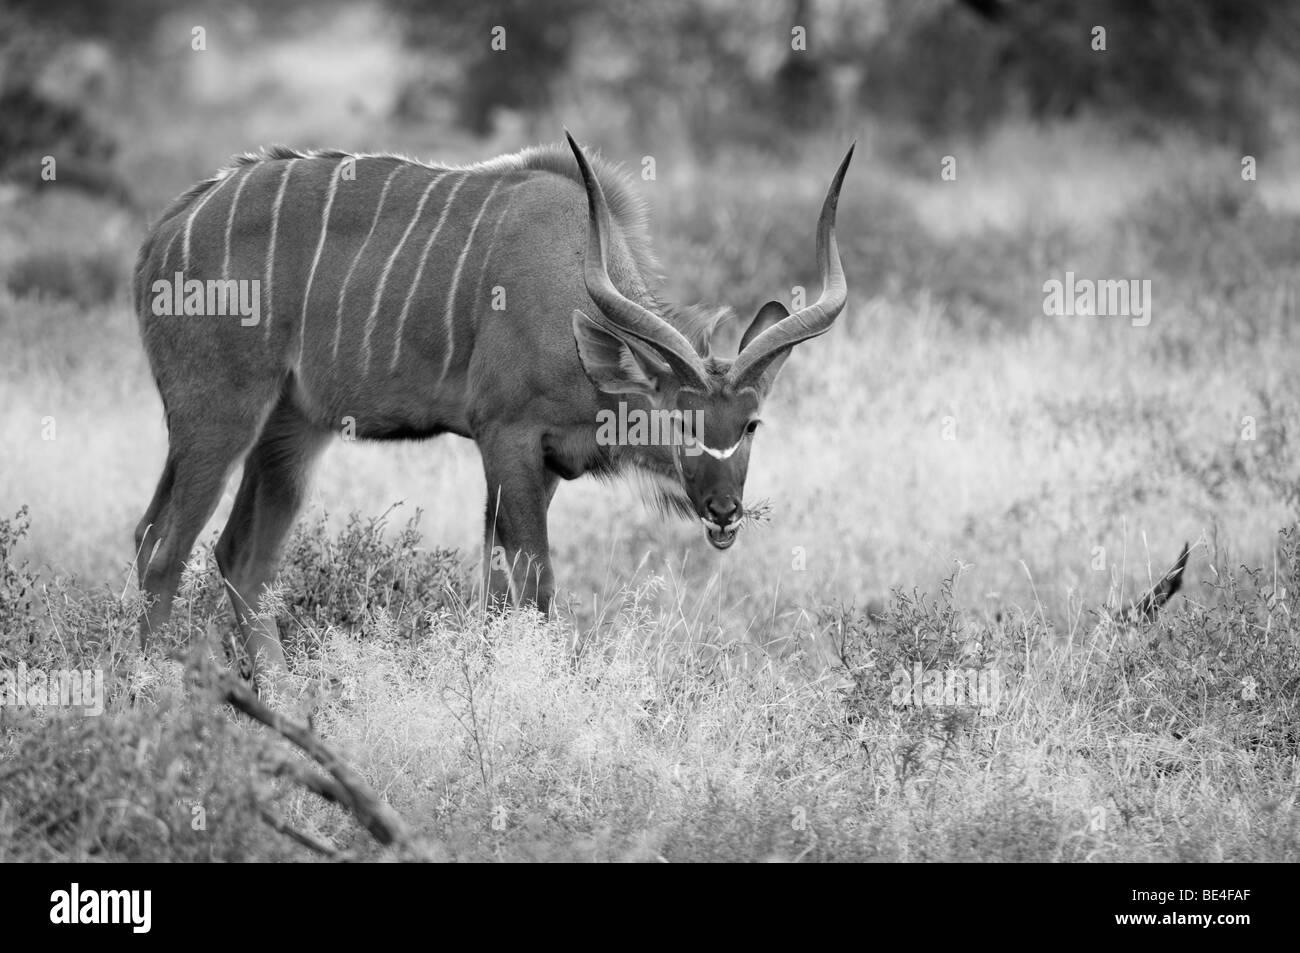 Greater kudu (Tragelaphus strepsiceros), Tuli Block, Botswana - Stock Image